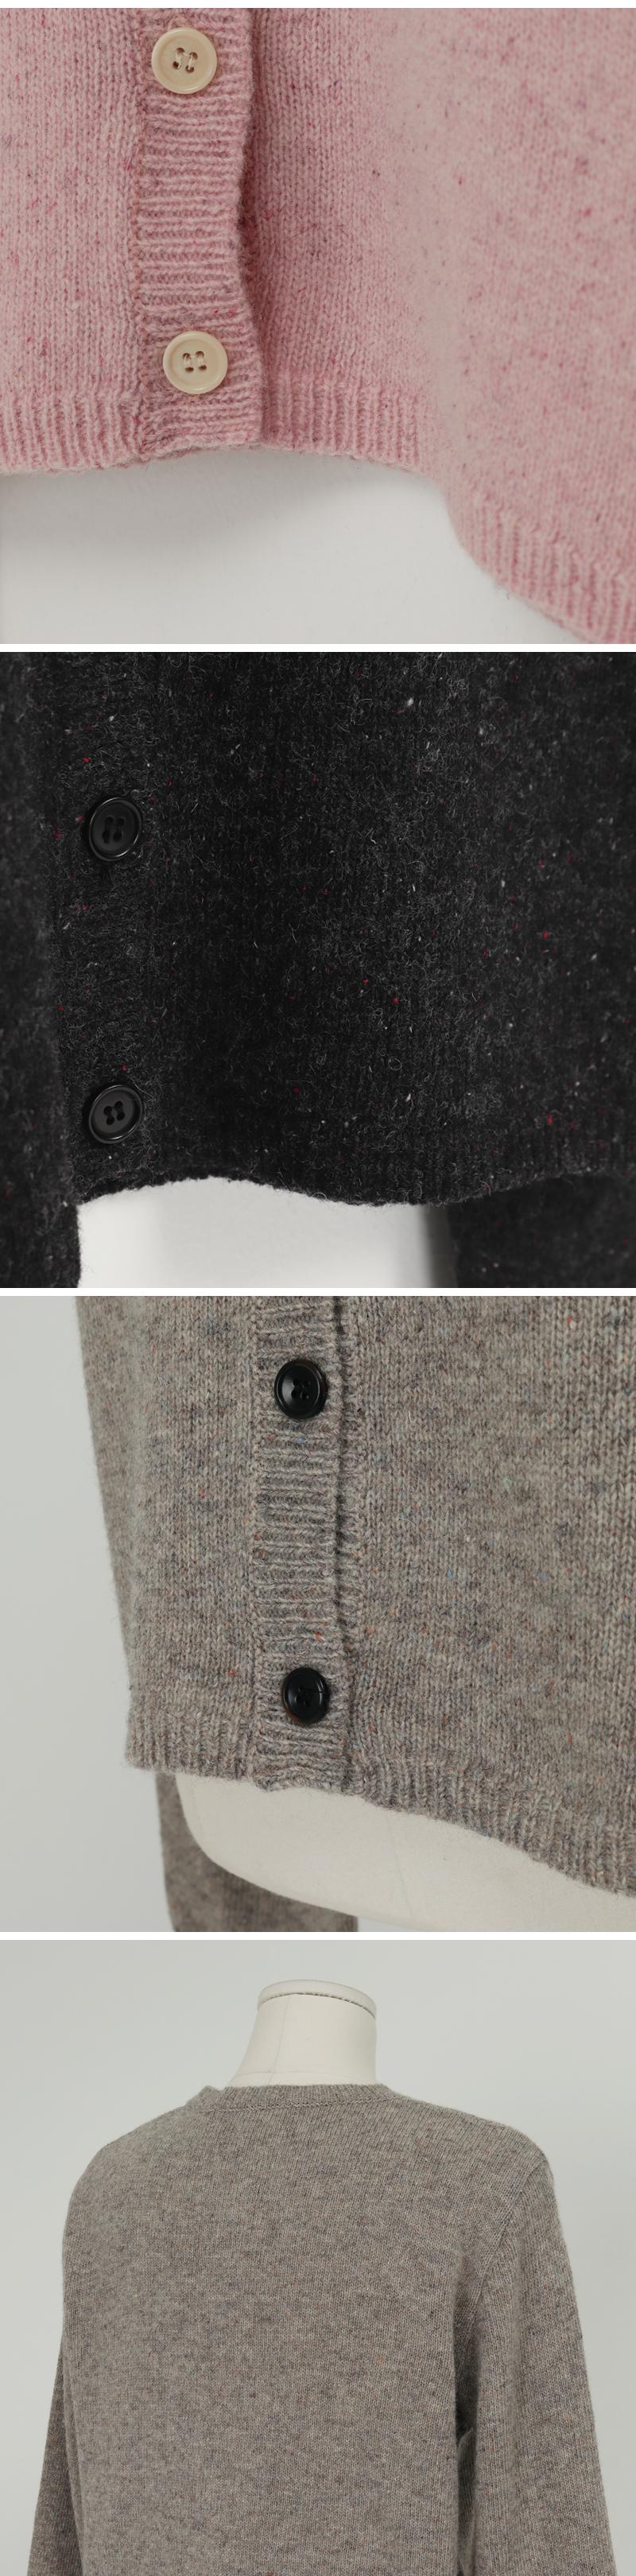 Koner wool round cardigan_H (size : free)